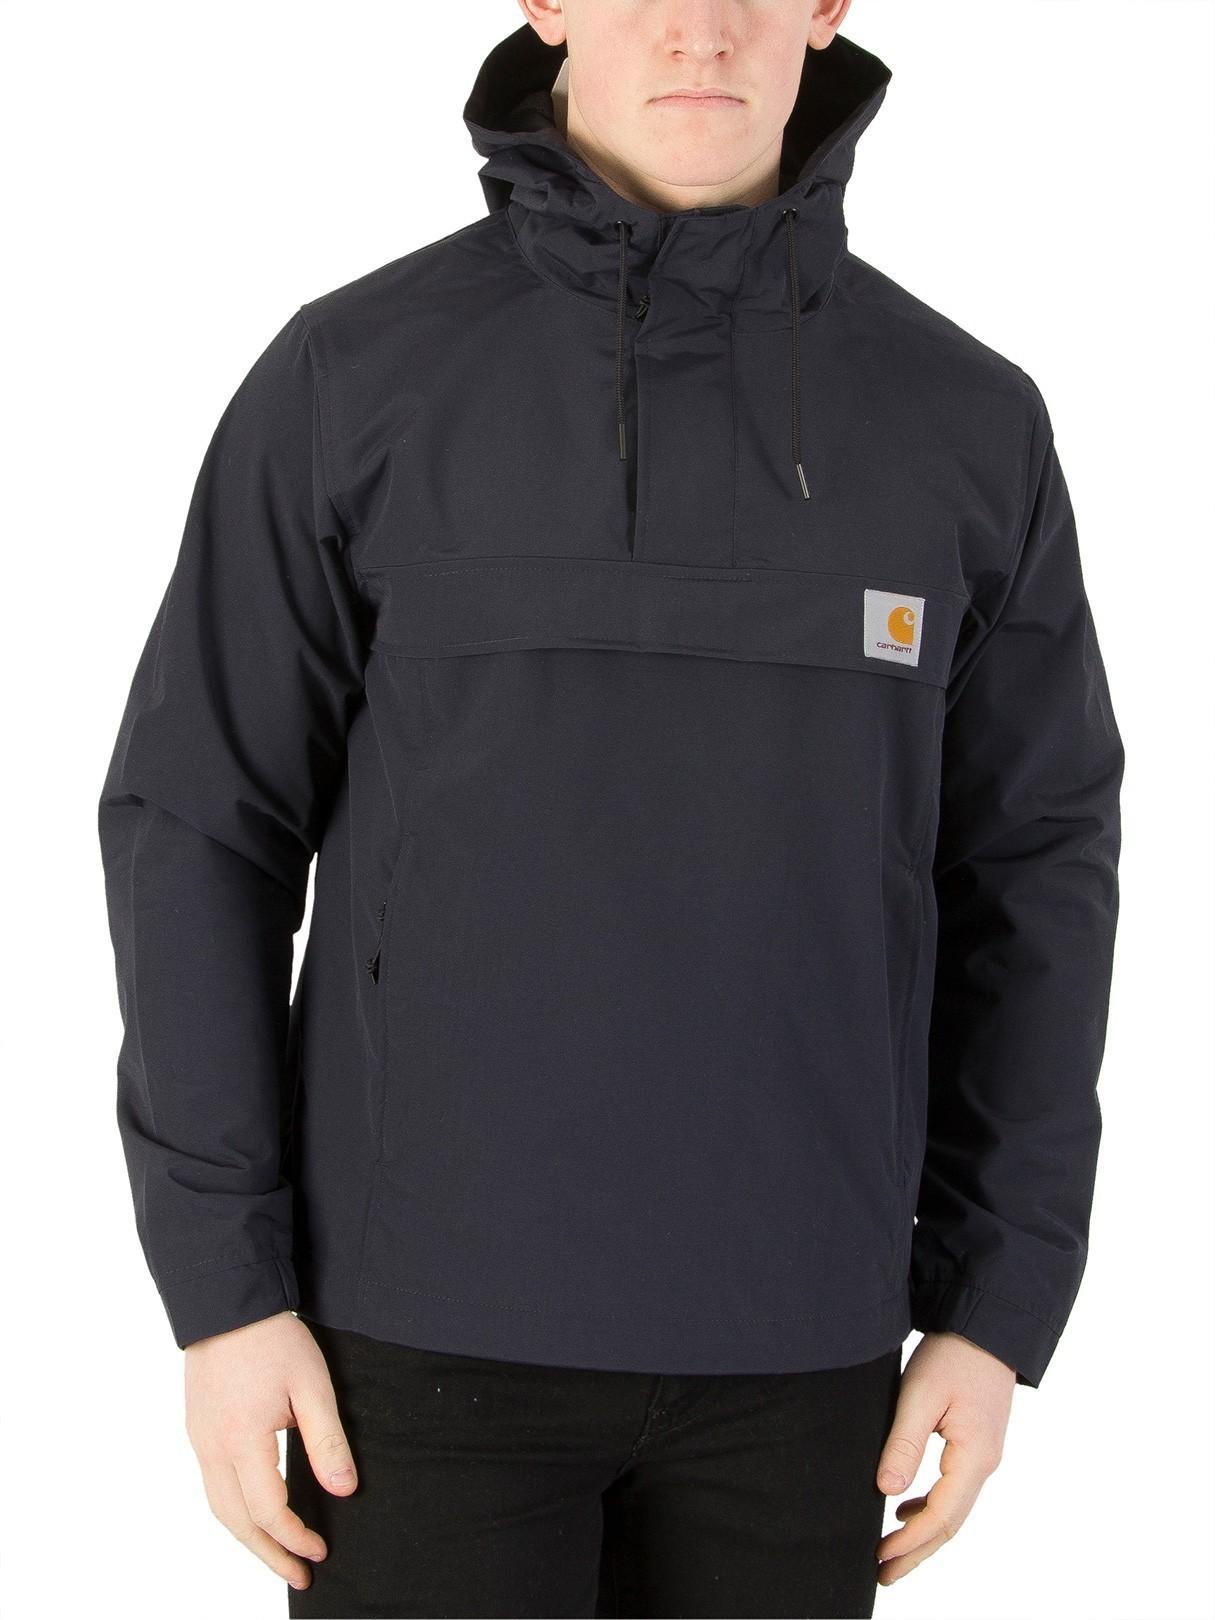 Carhartt WIP Dark Navy Nimbus Pullover Jacket  0b738a372d62